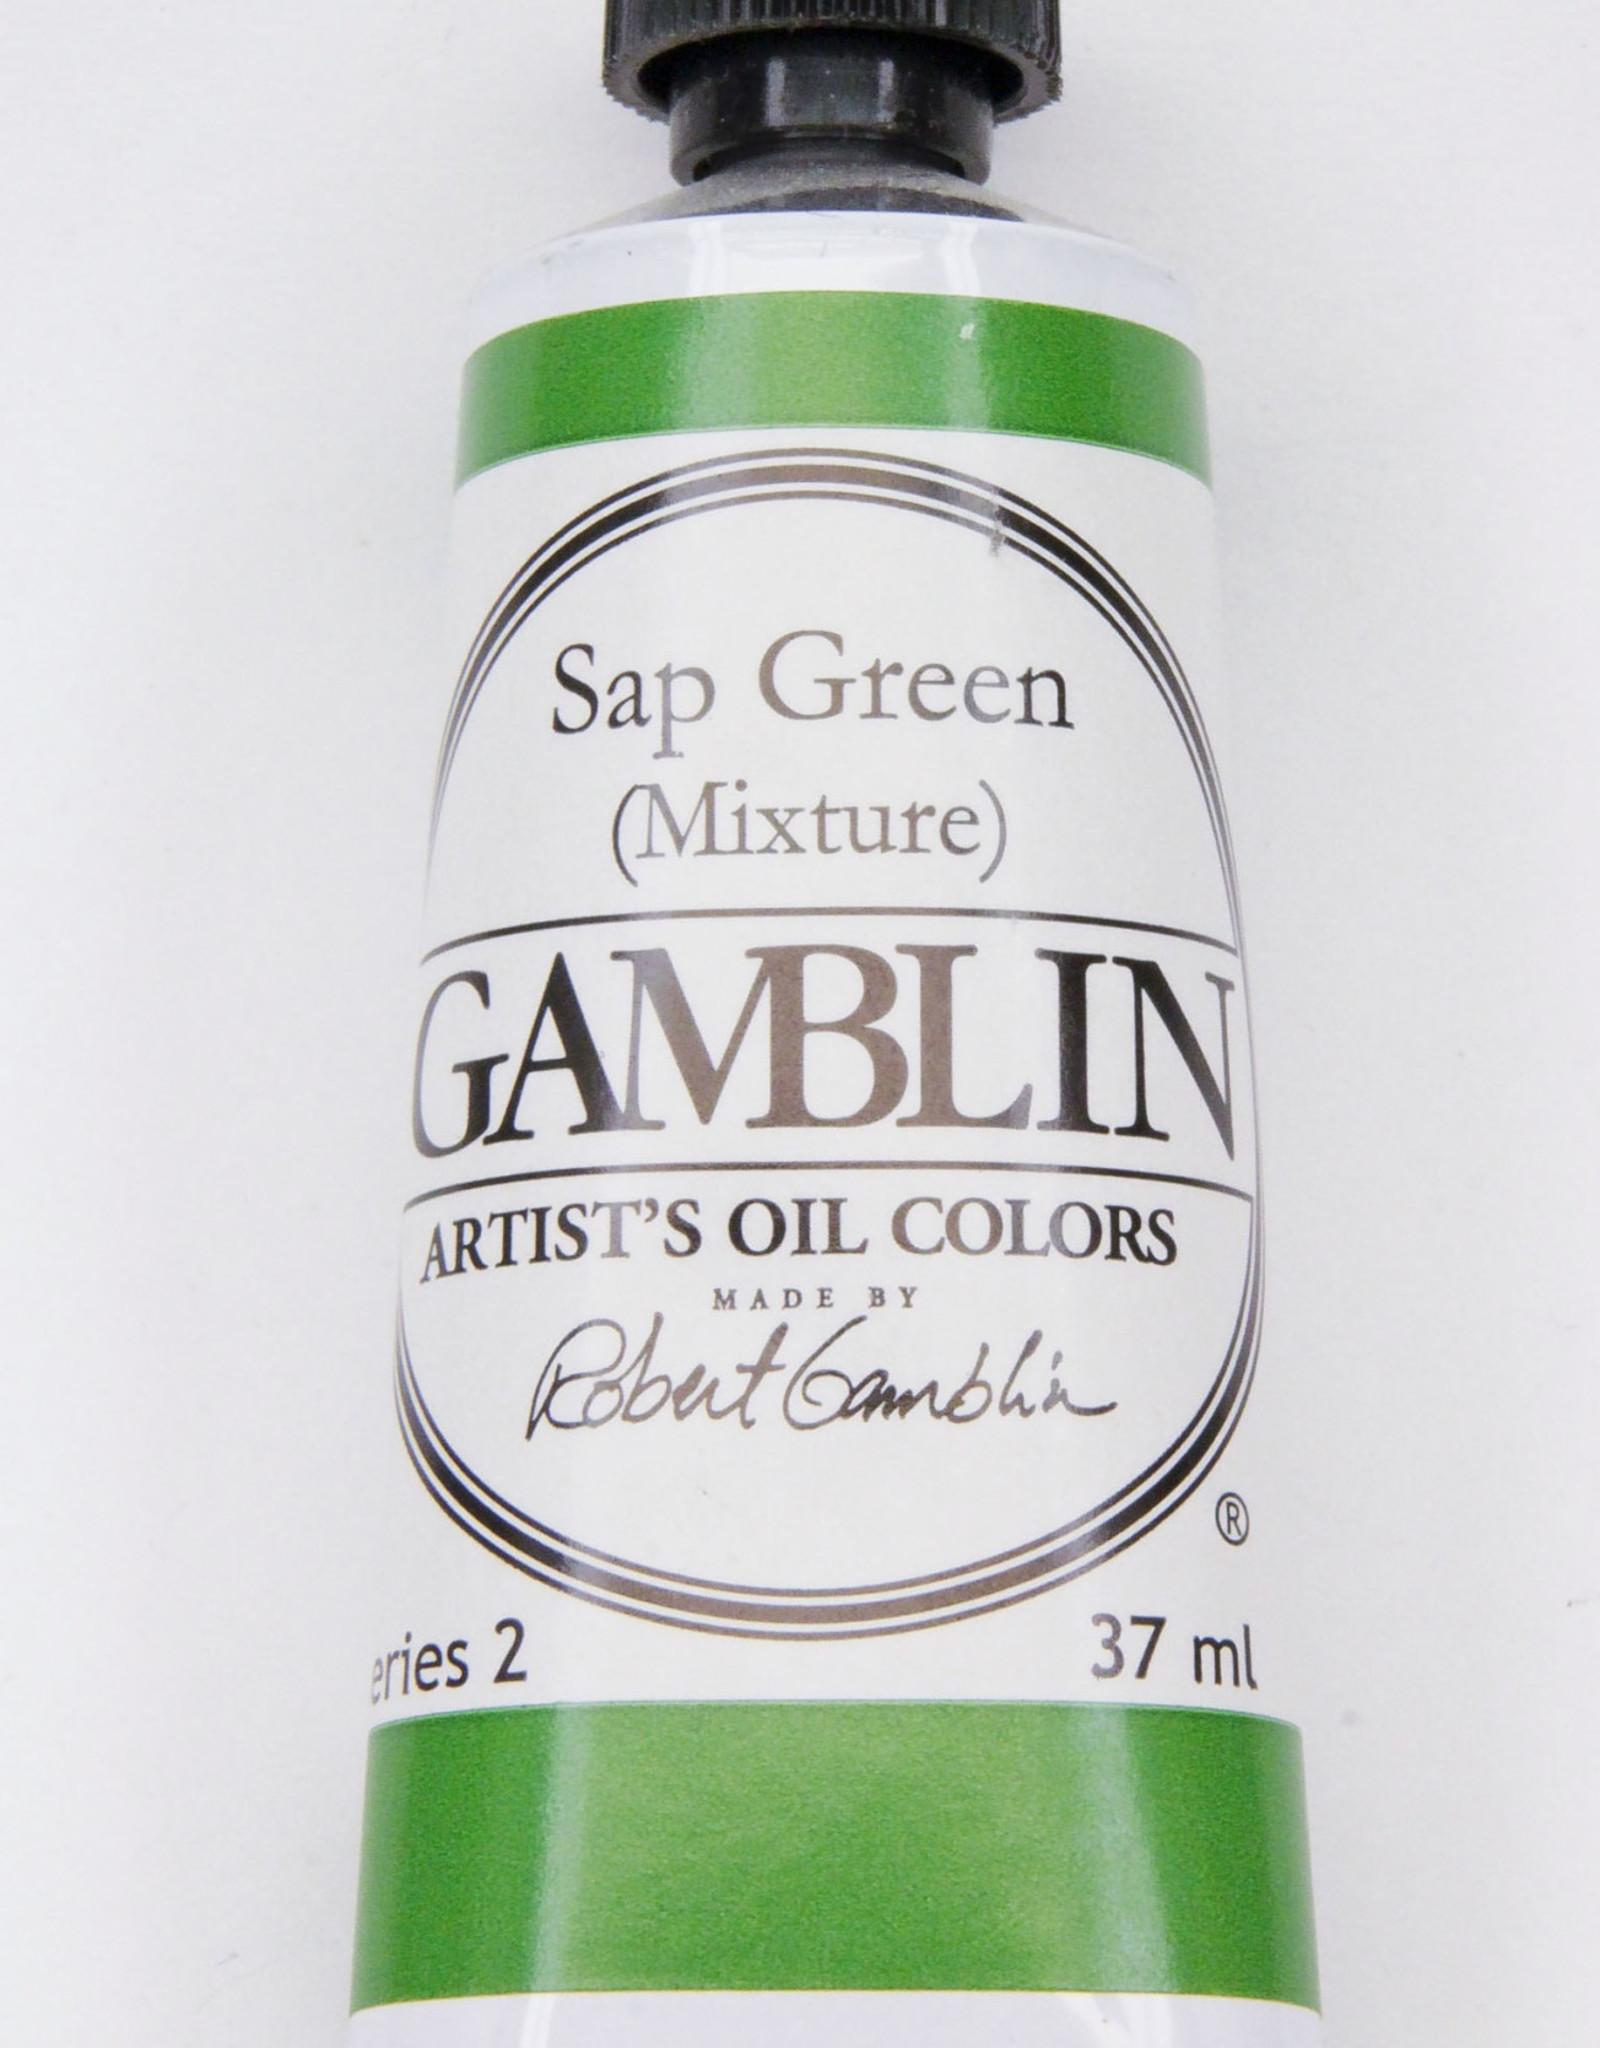 Gamblin Oil Paint, Sap Green (mixture) Series 2, Tube 37ml